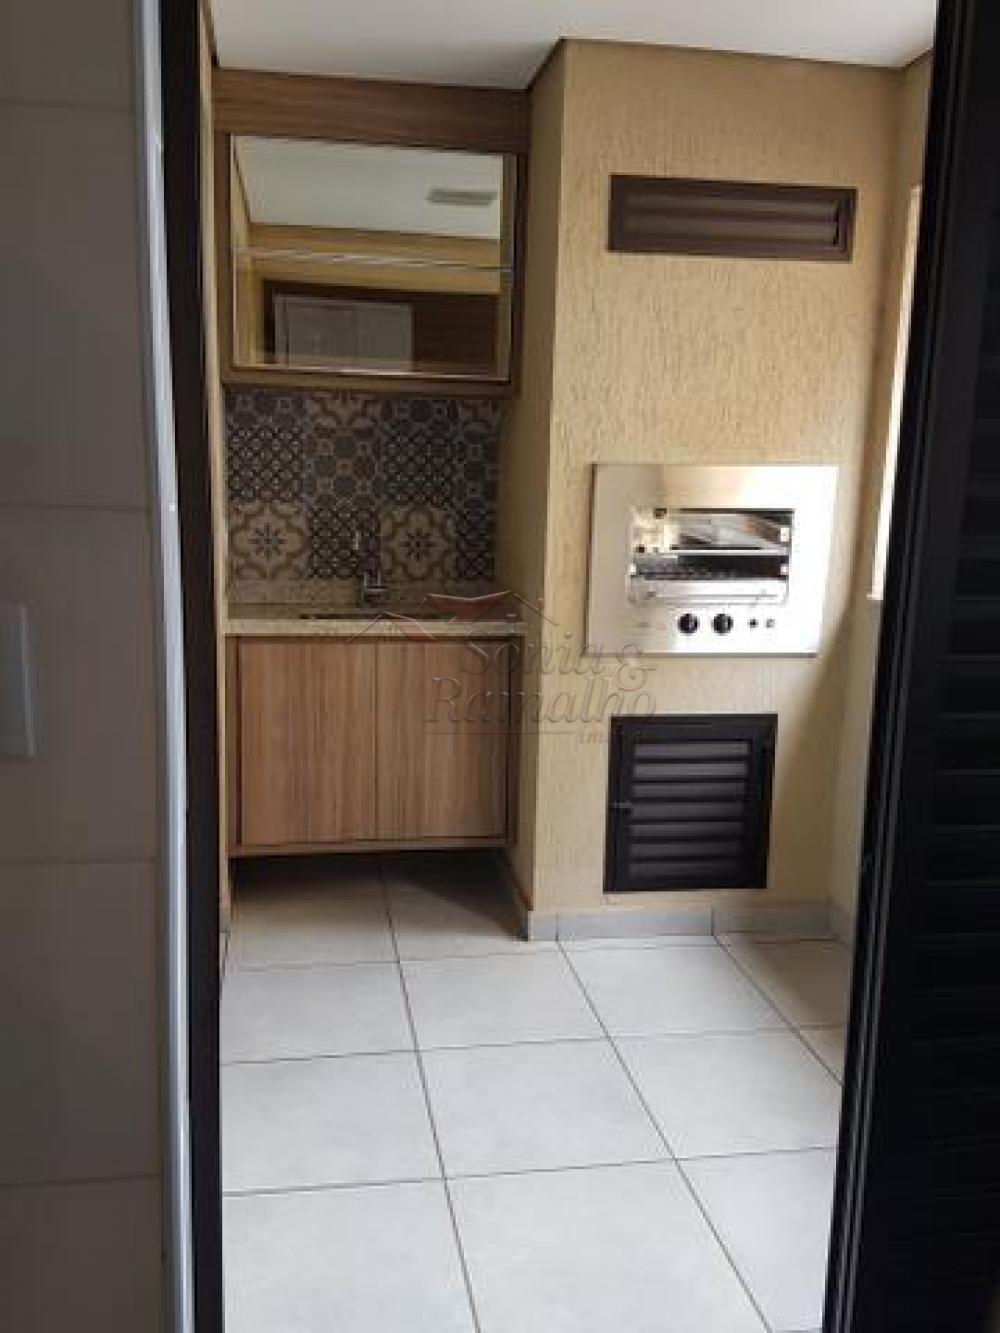 Comprar Apartamentos / Padrão em Ribeirão Preto apenas R$ 300.000,00 - Foto 7